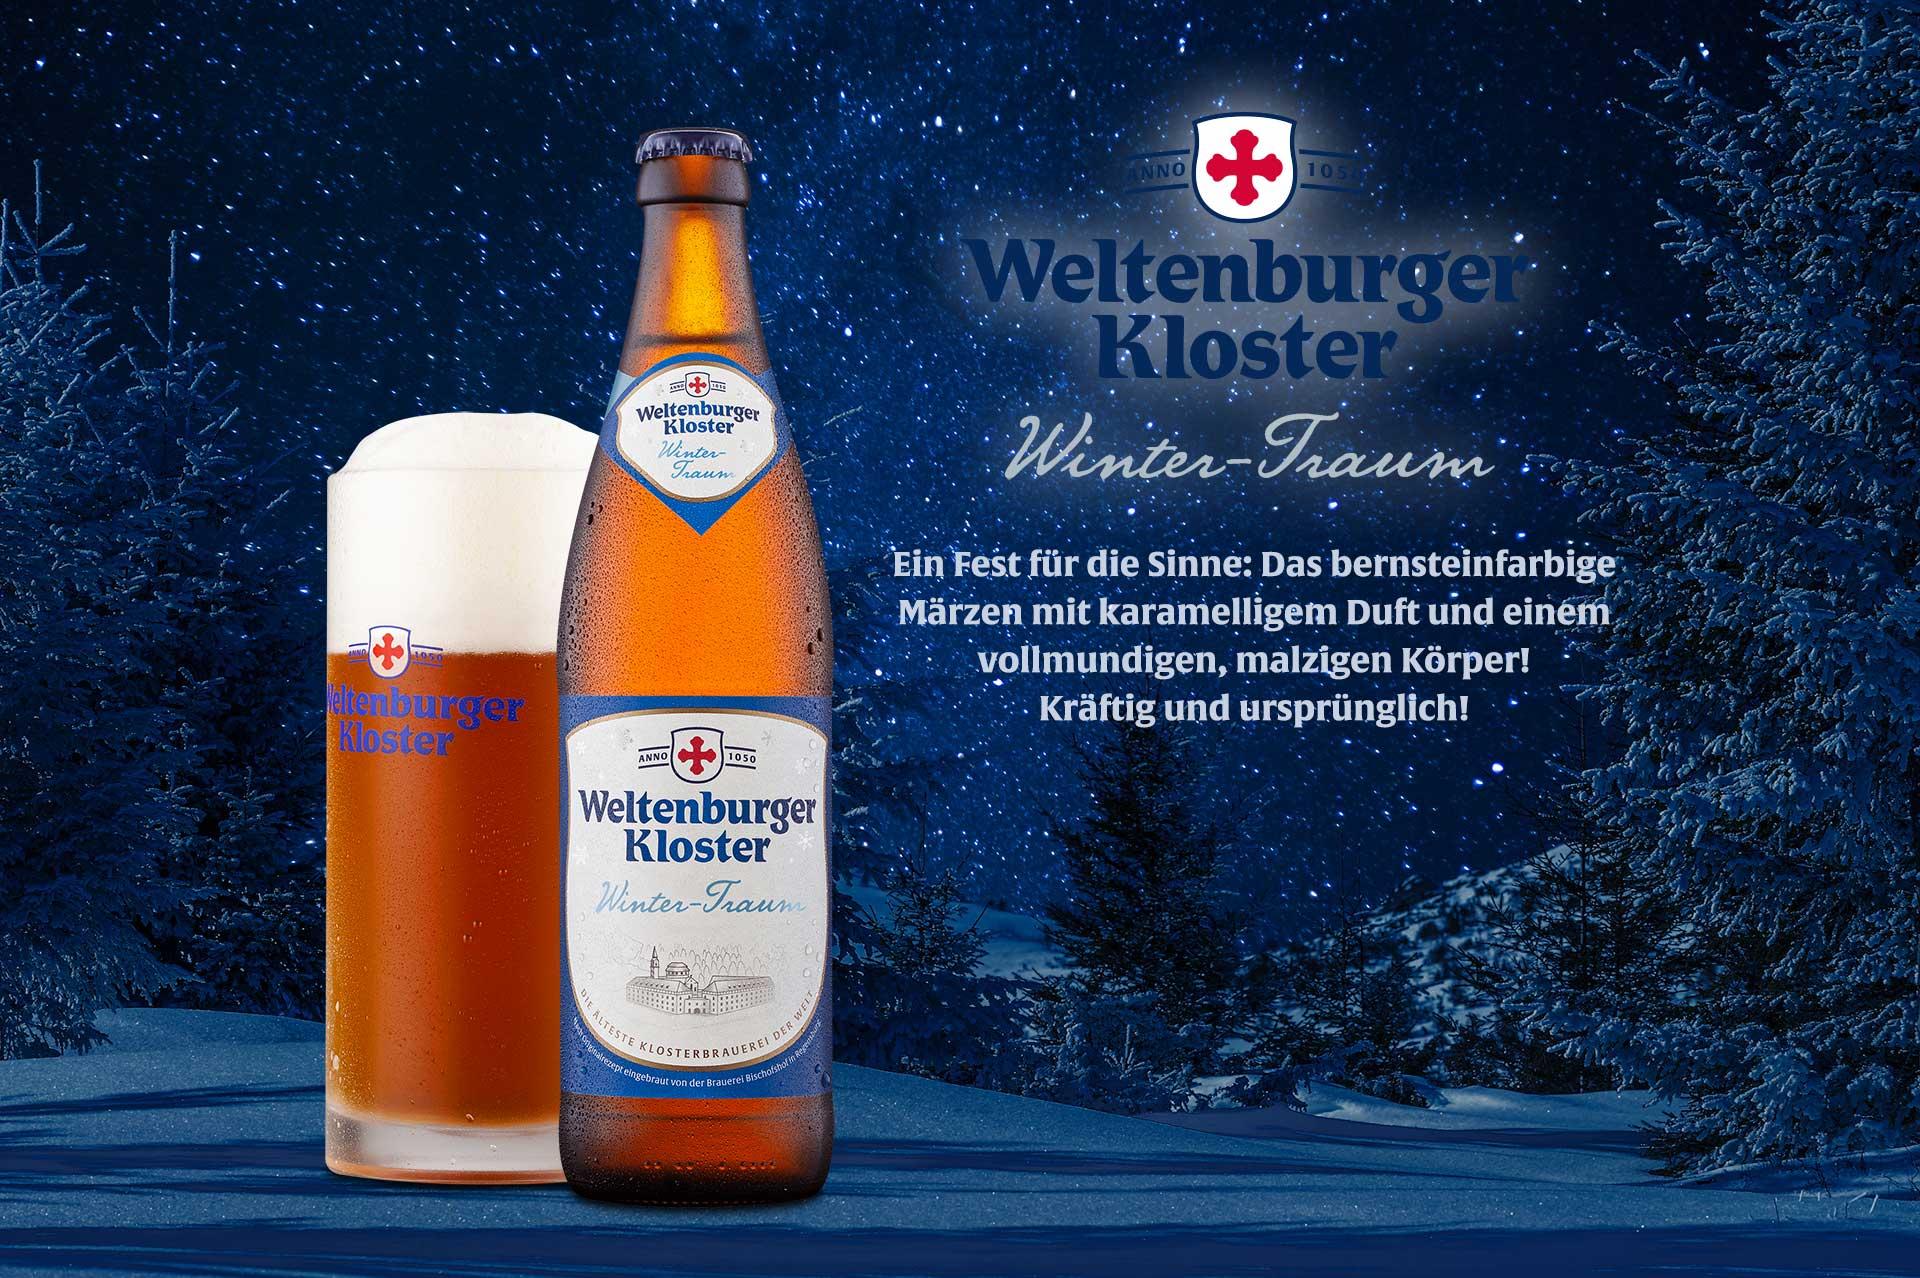 Weltenburger-Kloster-Winter-Traum-Hopfige-Weihnachtsgruesse